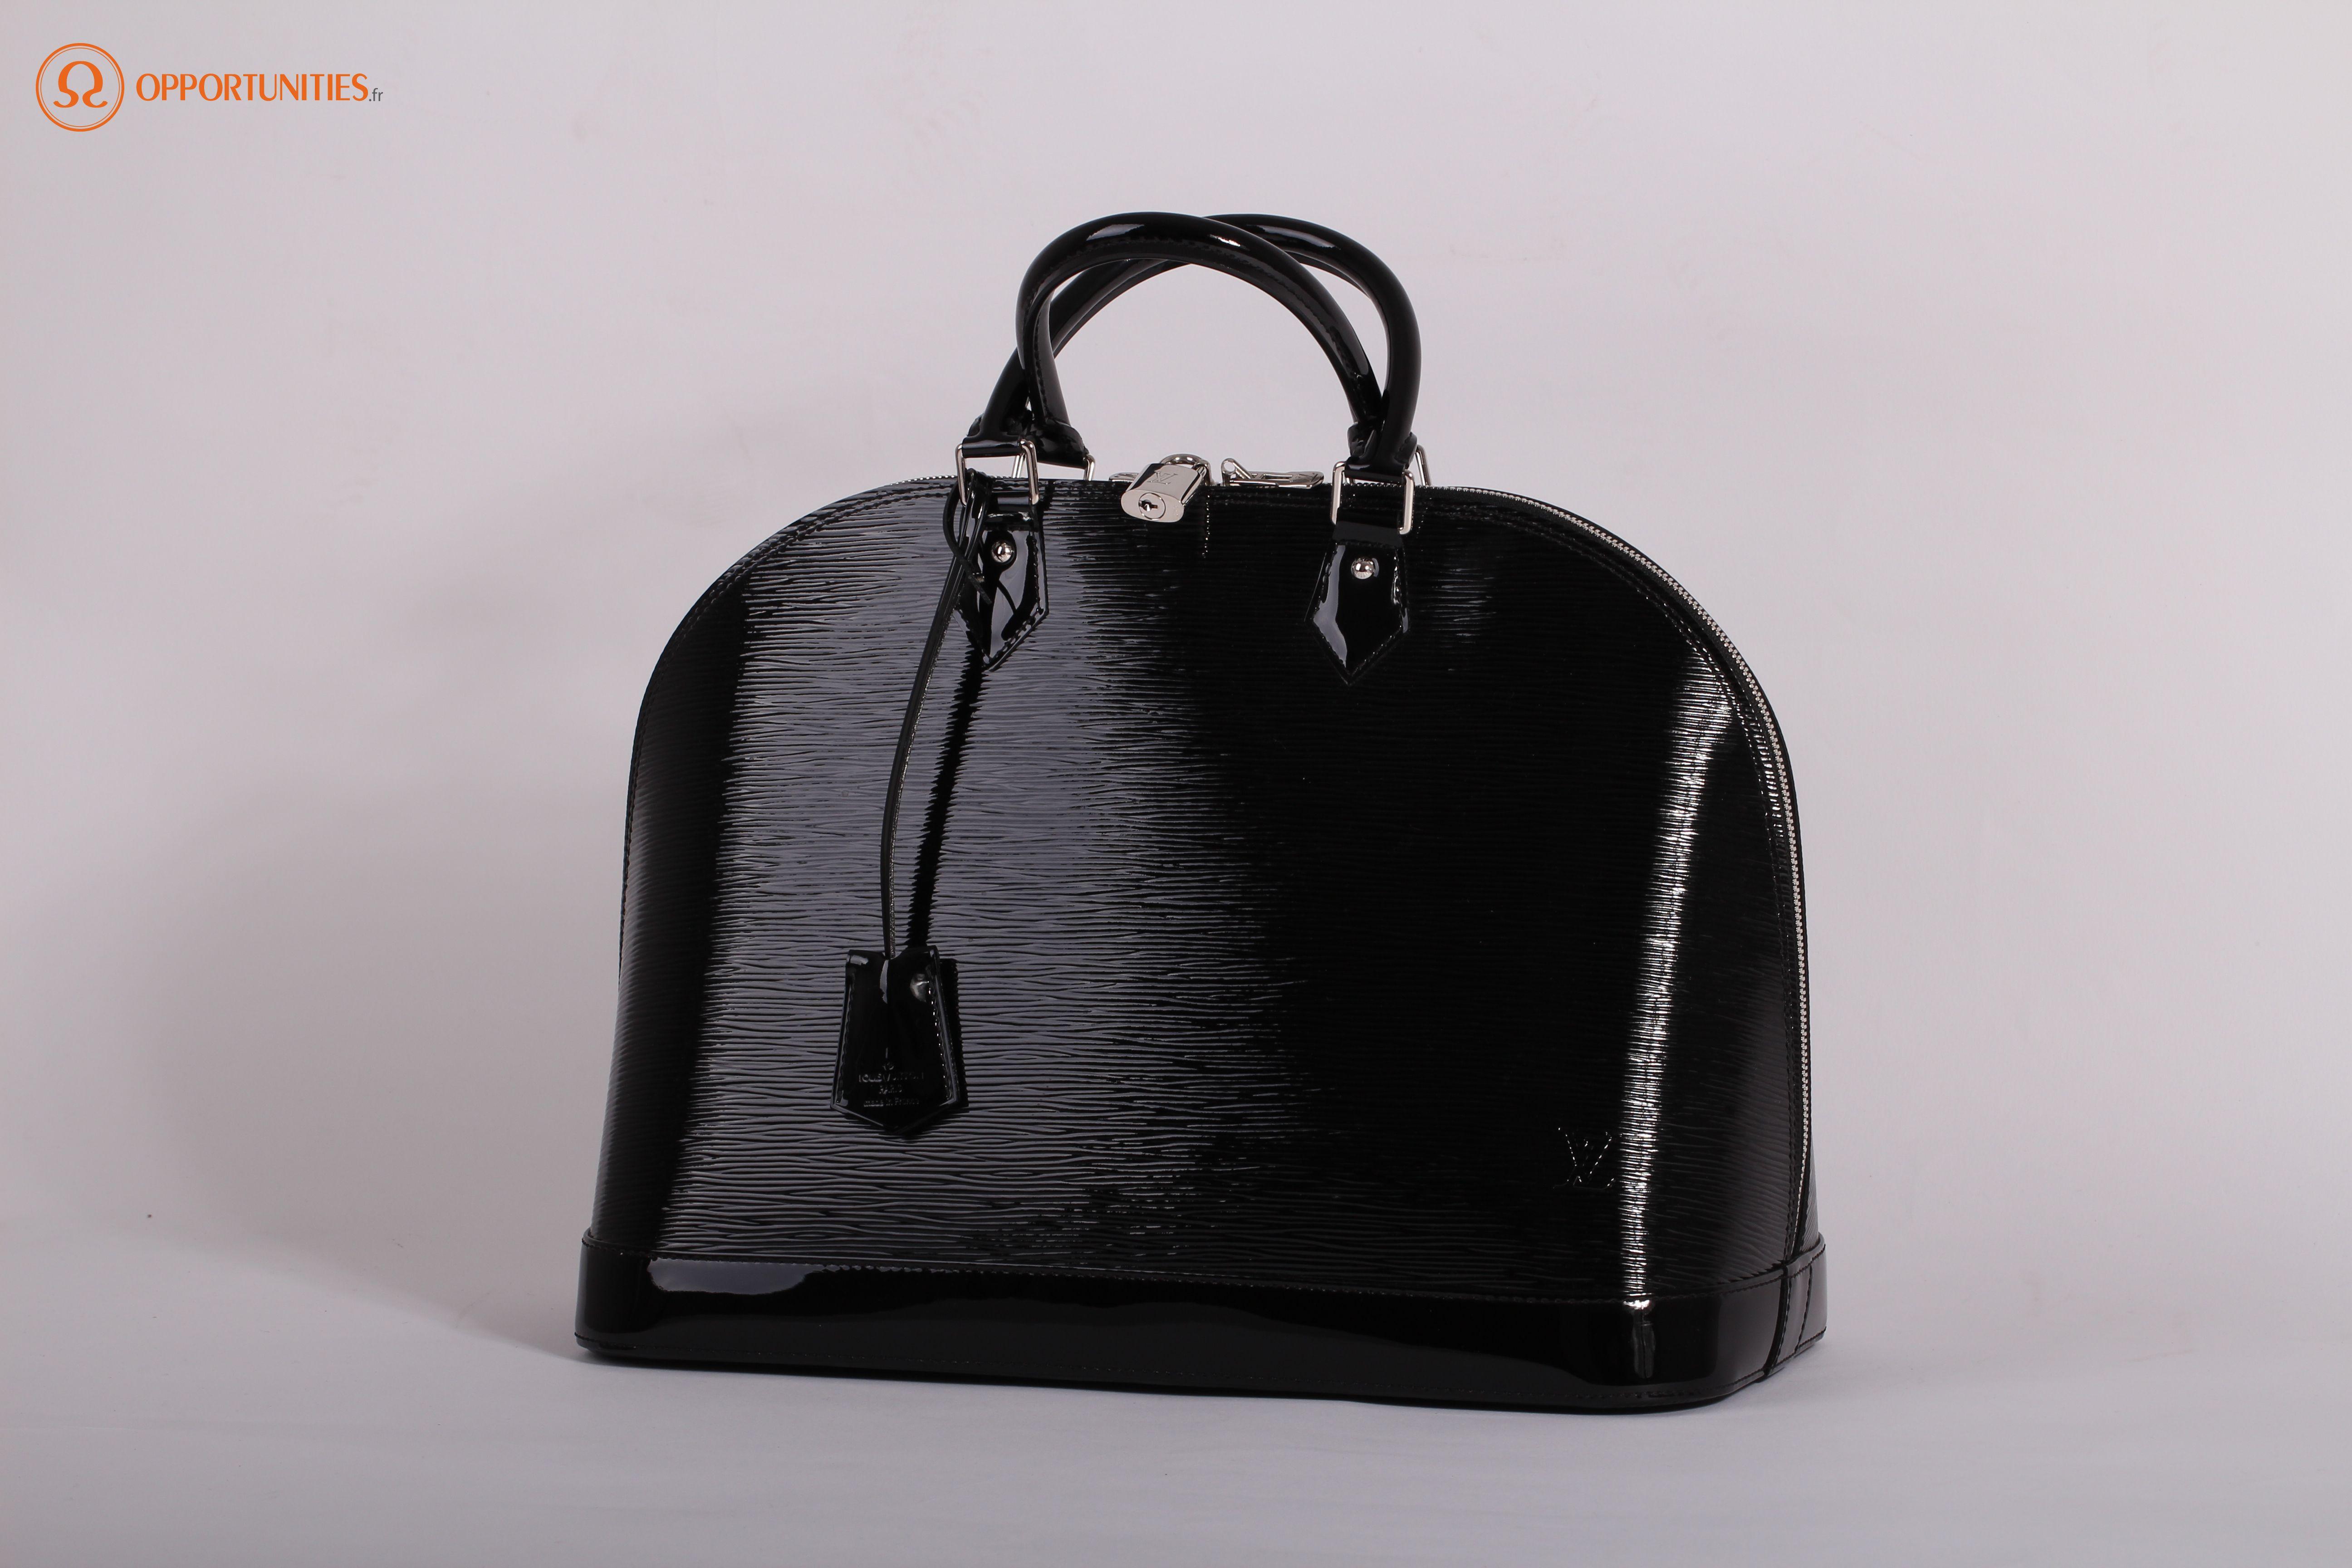 8192eabd195 En vente sur www.opportunities.fr - Produits de luxe d occasion ...